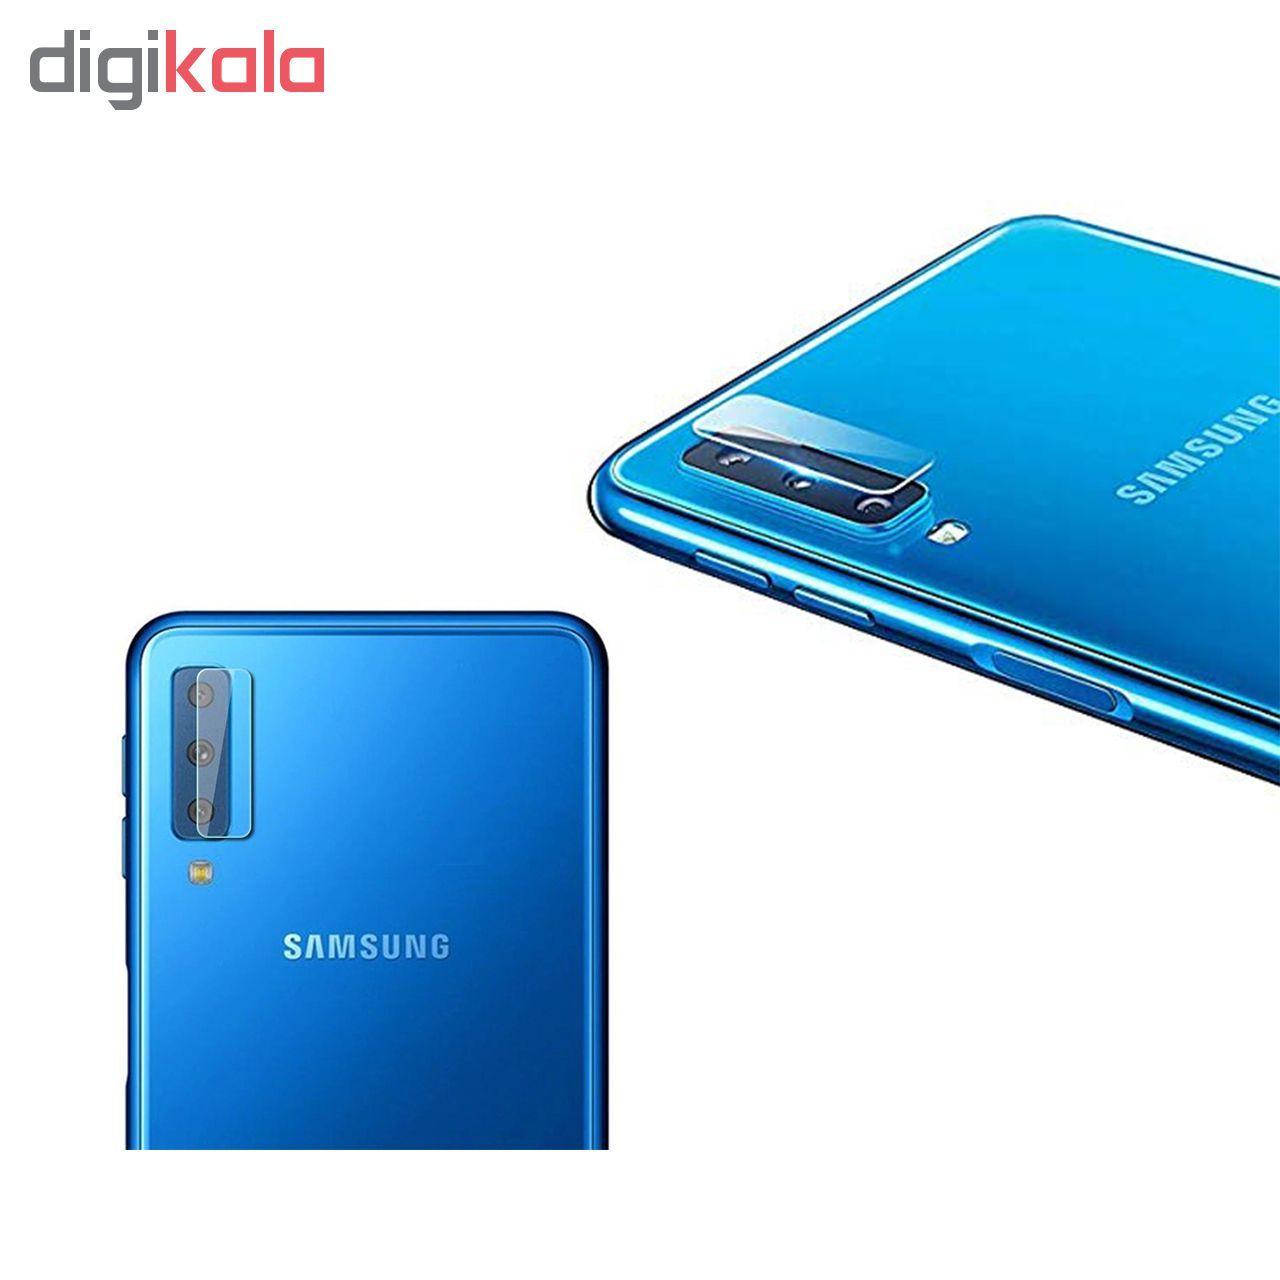 محافظ لنز دوربین Hard and thick مدل G-004 مناسب برای گوشی موبایل سامسونگ Galaxy A7 2018 main 1 2